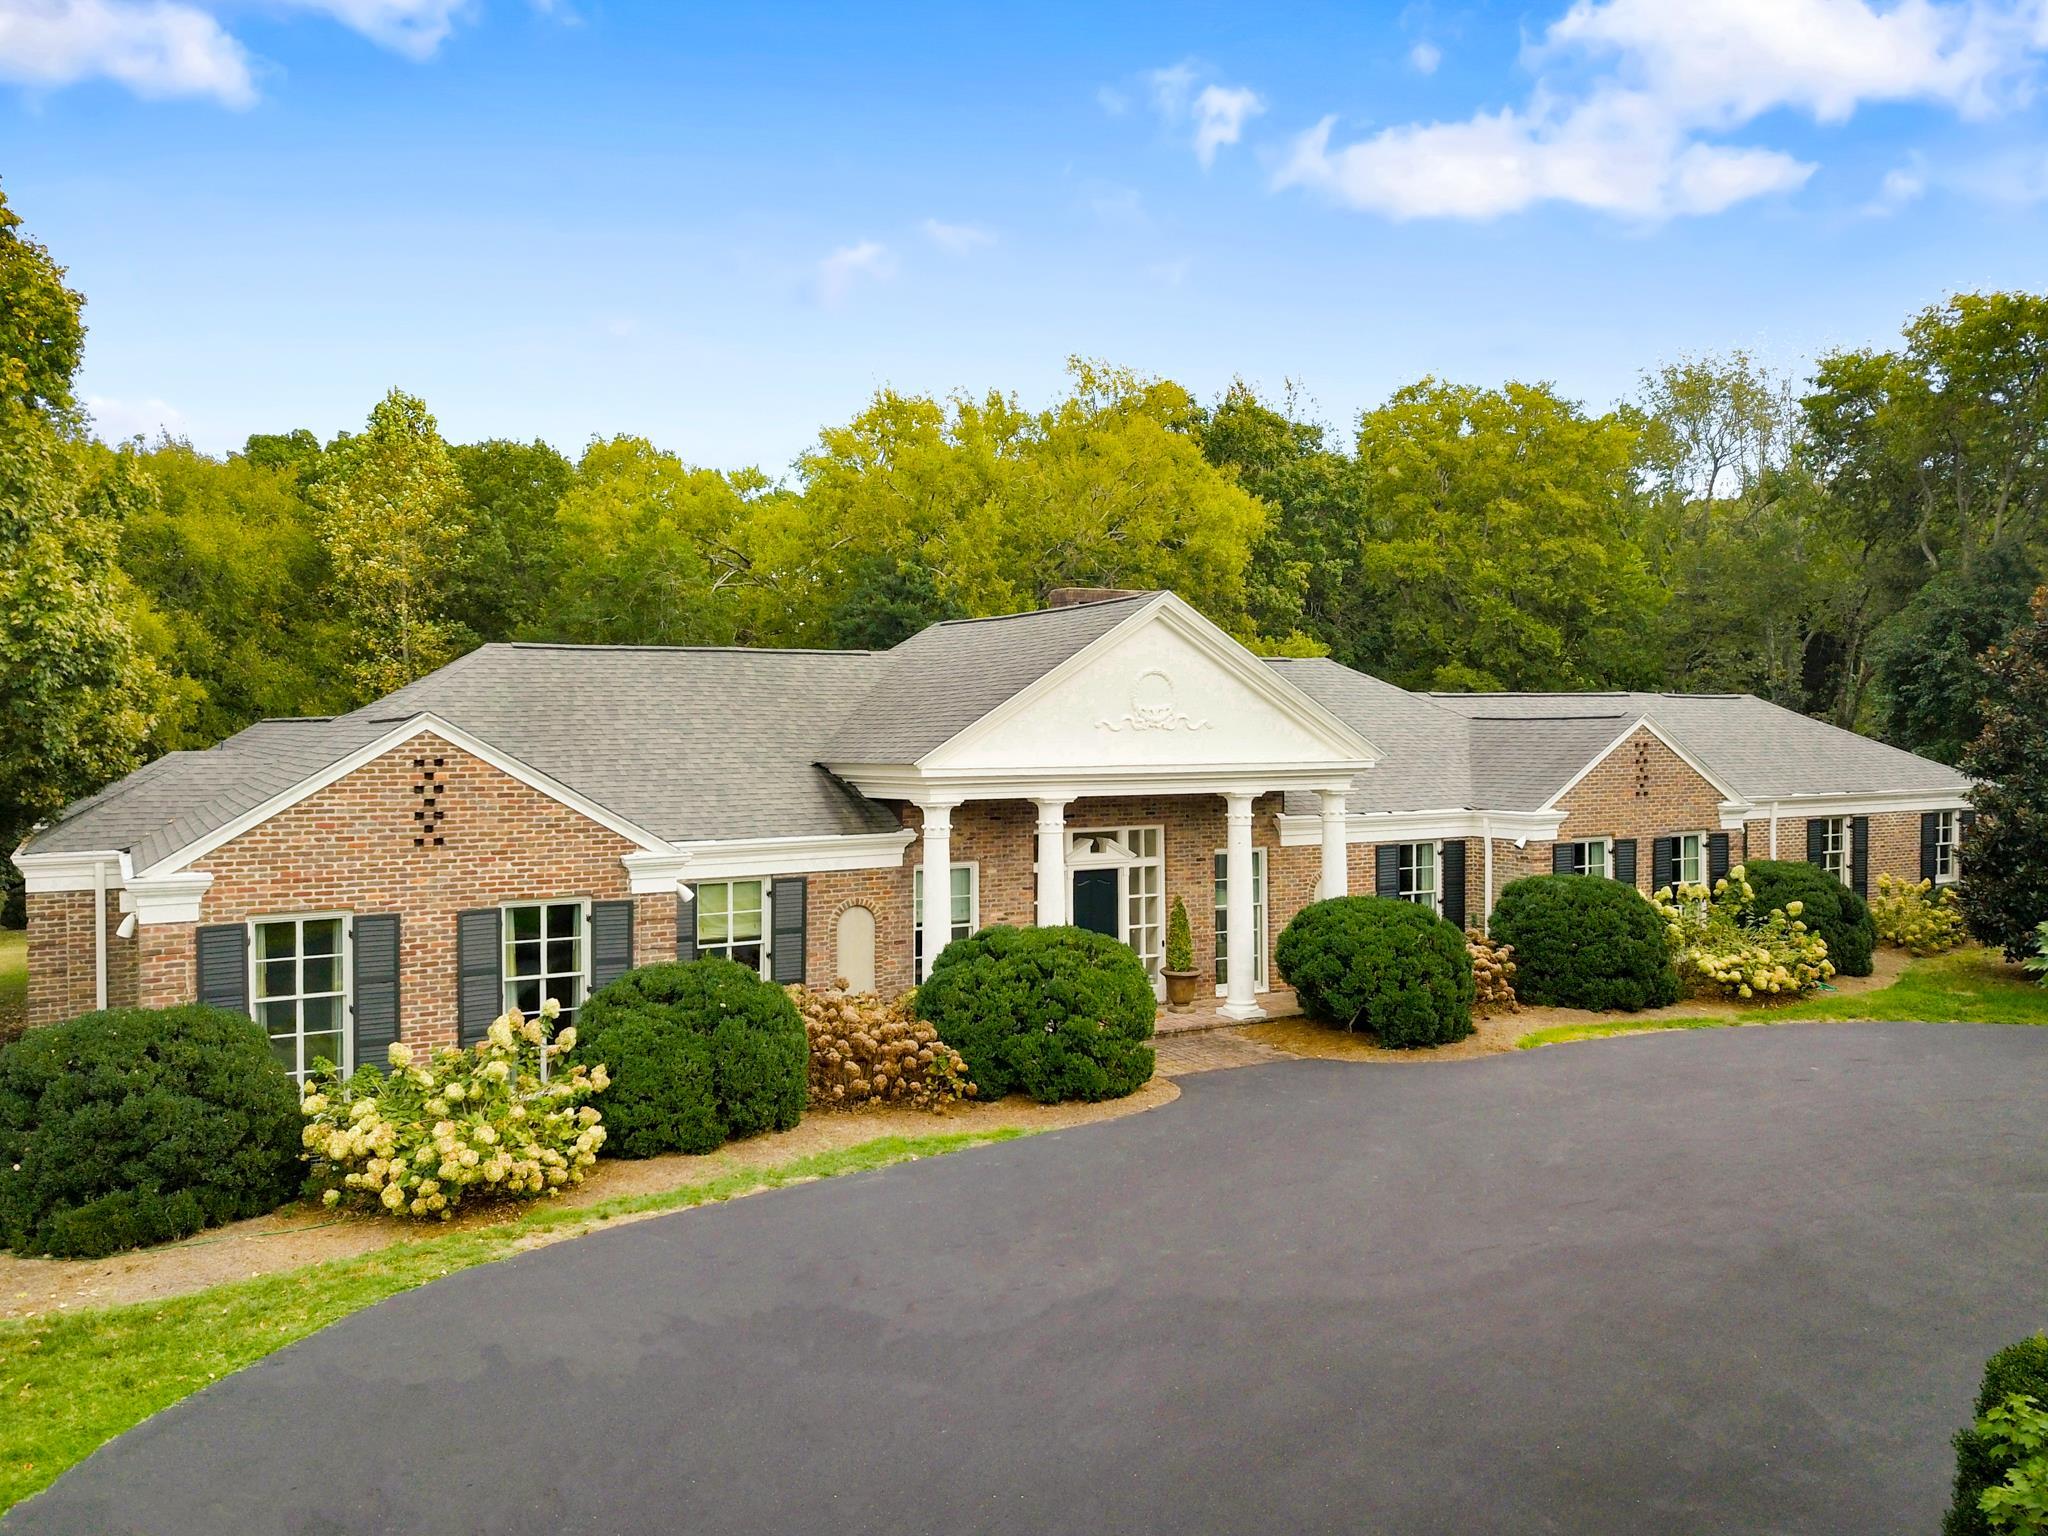 $2,595,000 - 4Br/6Ba -  for Sale in Belle Meade, Nashville